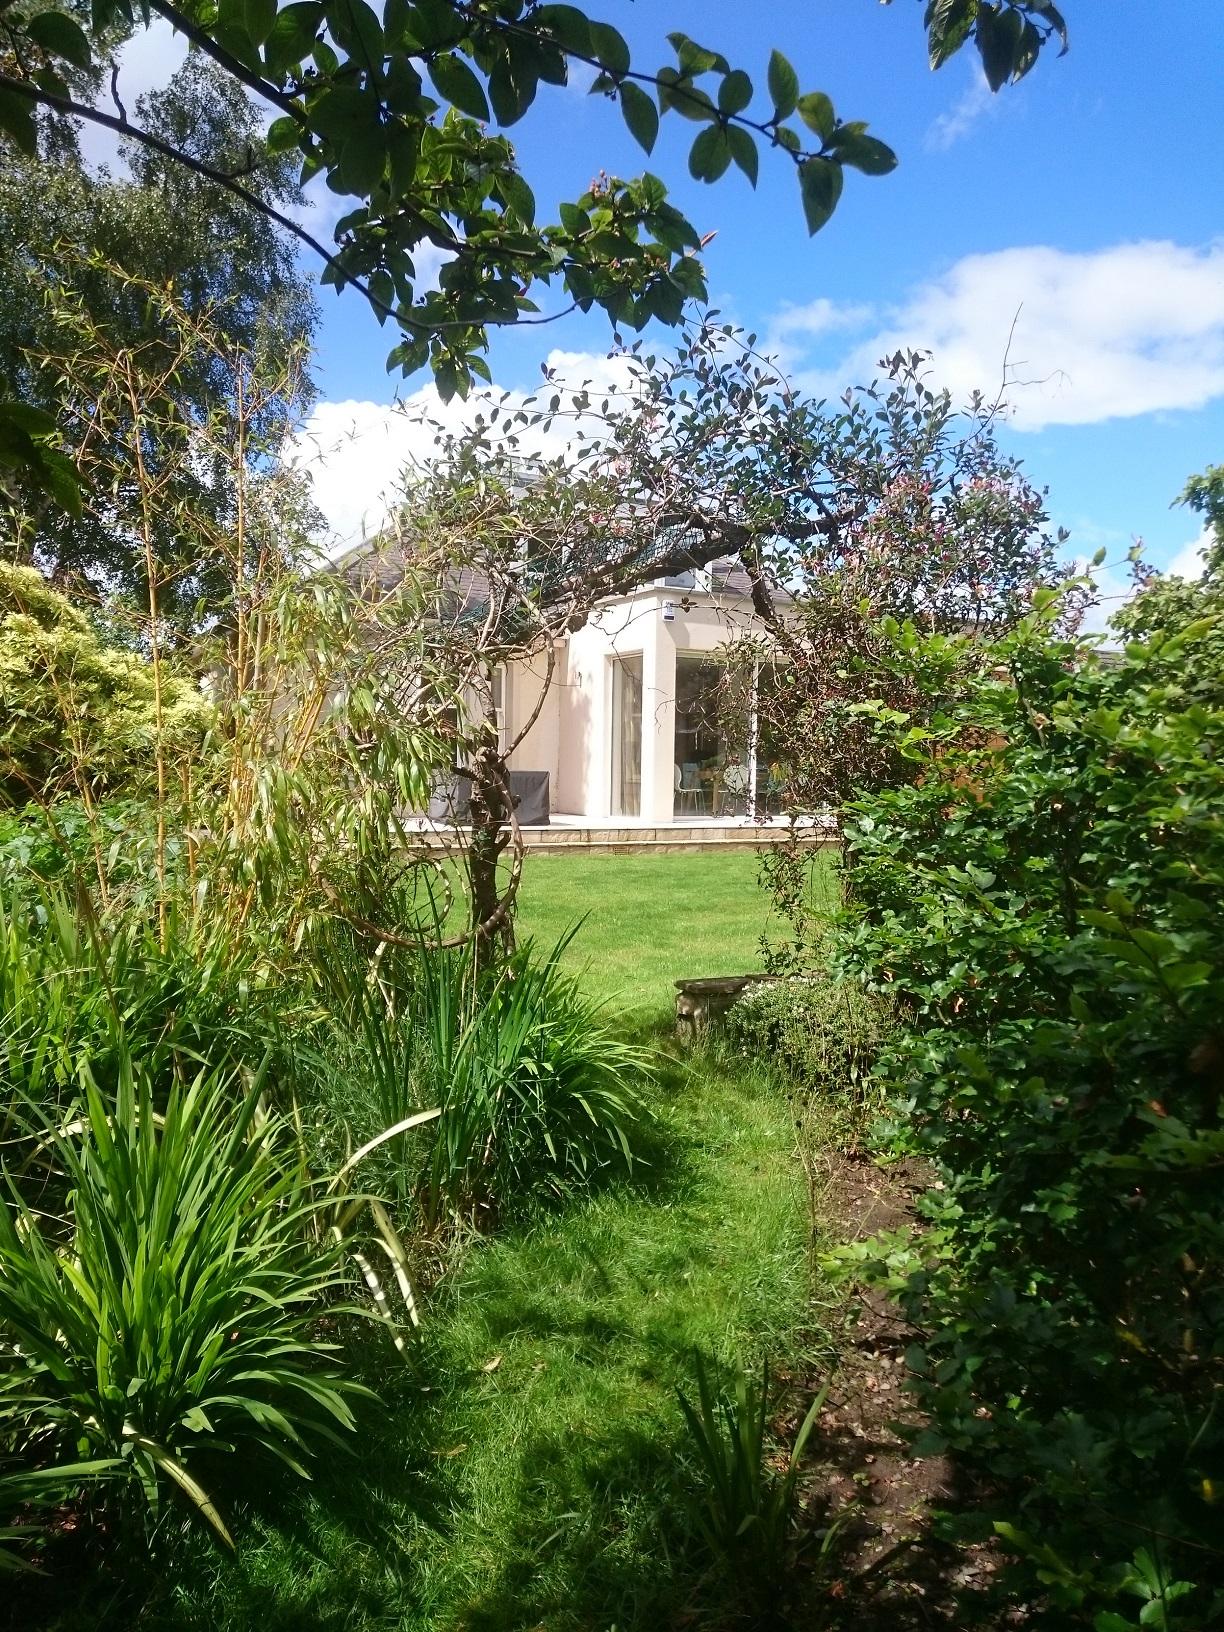 natural arch garden path